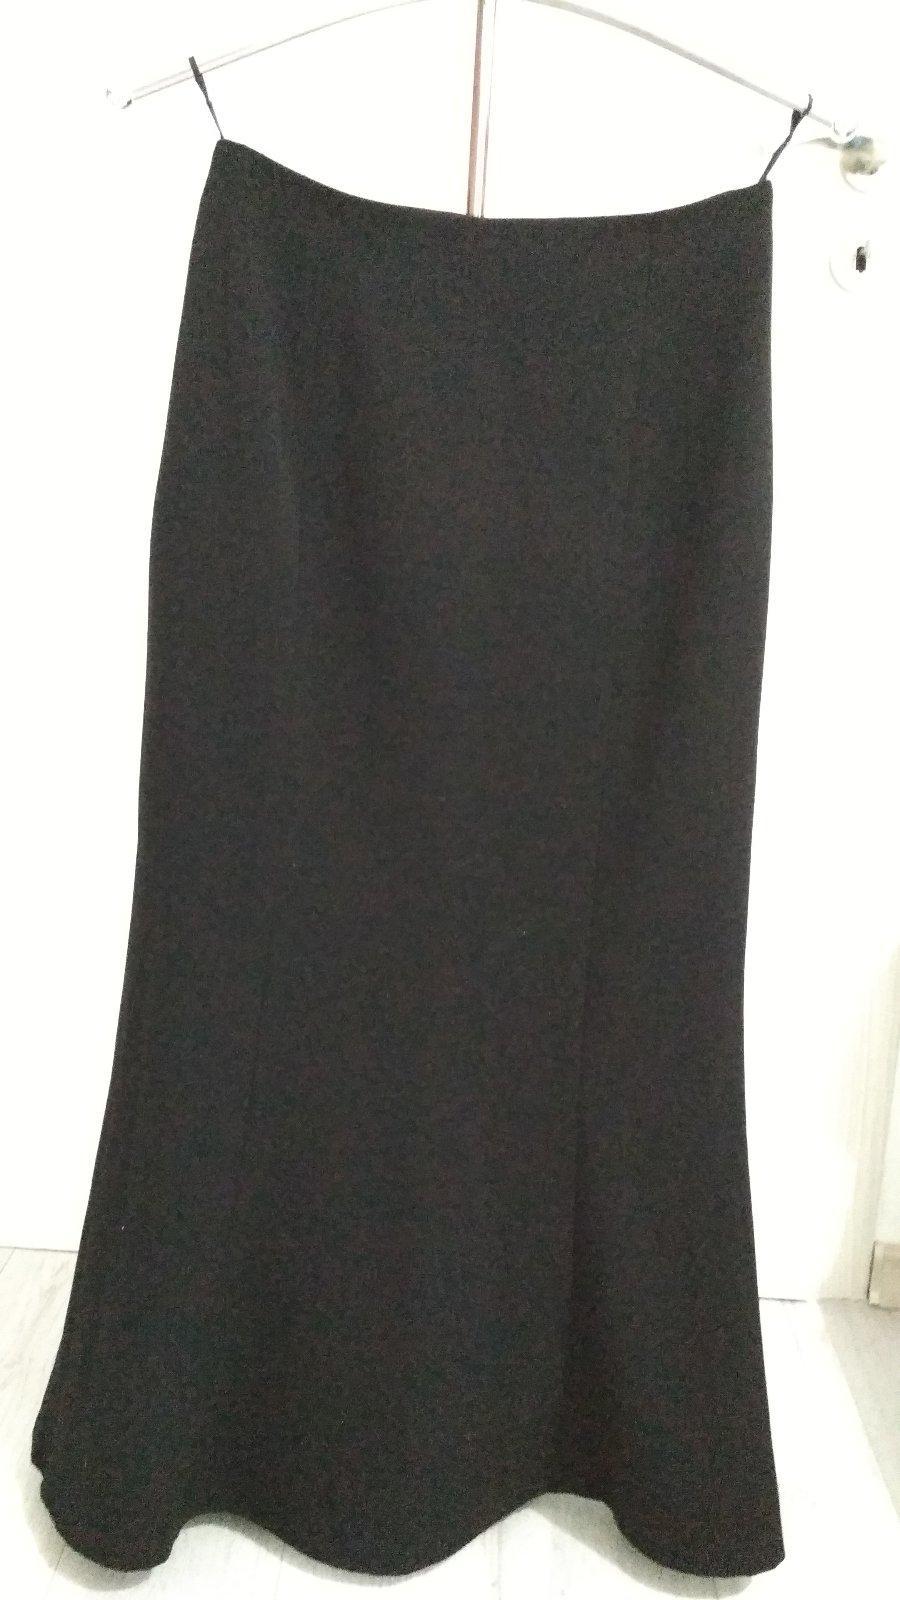 e15029a9fcb0 Dámska dlhá sukňa čierna 38